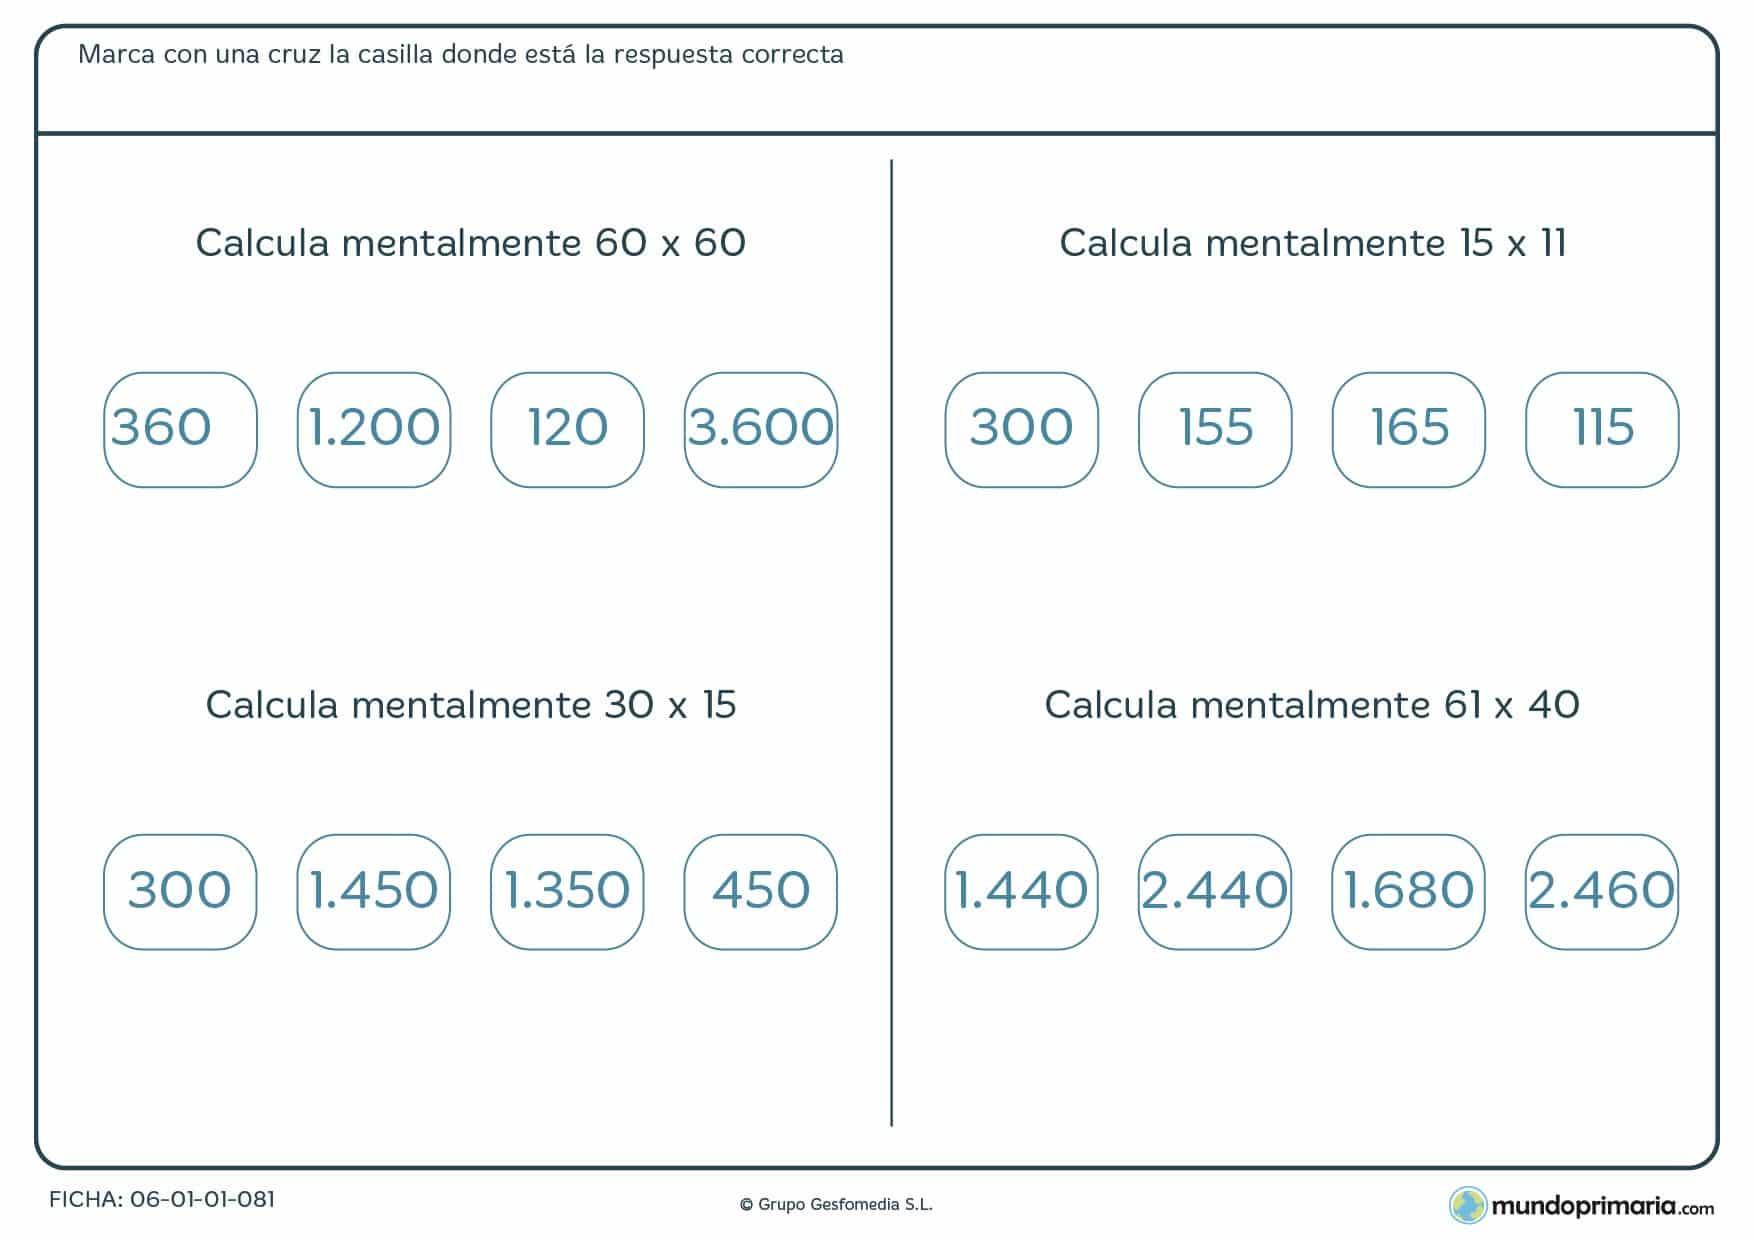 Ficha para niños de 9 y 10 años de hacer mentalmente multiplicaciones, consistente en cuatro ejercicios a resolver escogiendo el resultado correcto